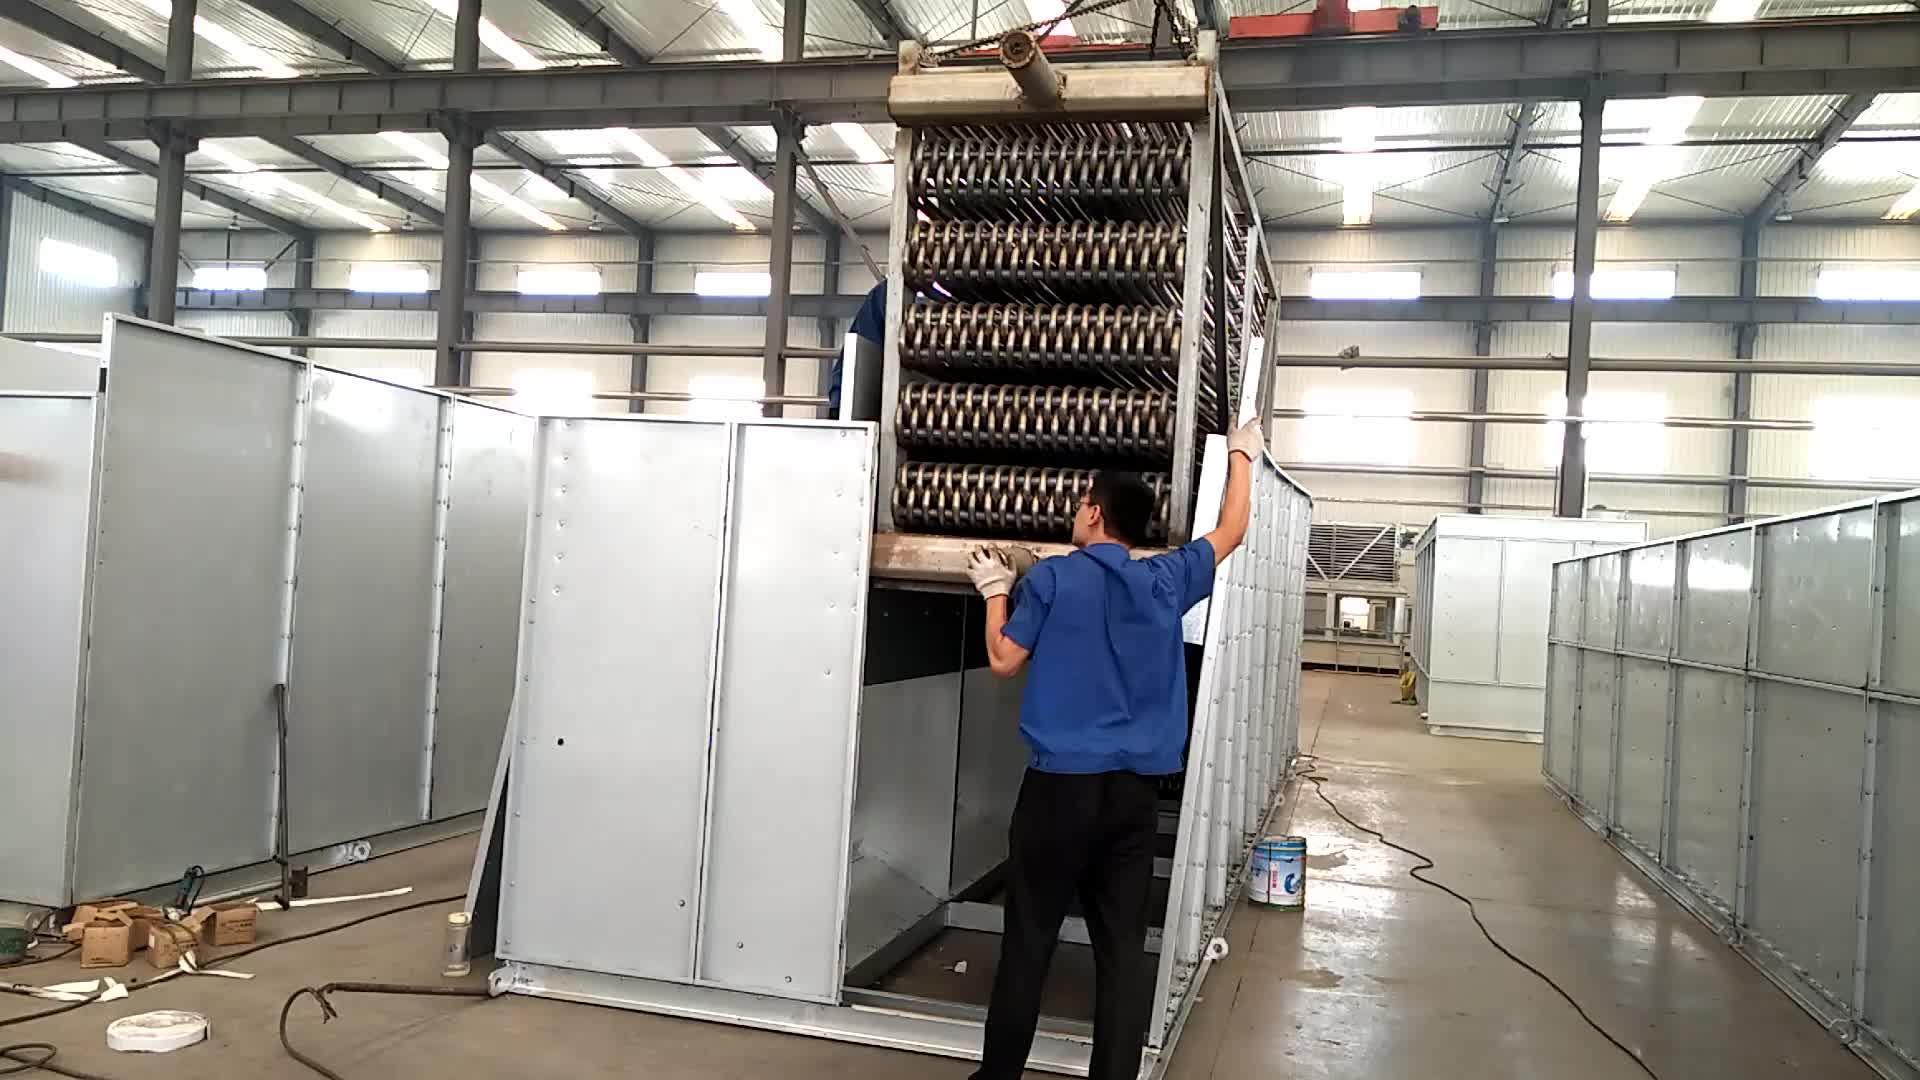 CTI Bersertifikat Pendingin NH3 Air Cooled Amonia Kondensor untuk Amonia Freezer Dairies